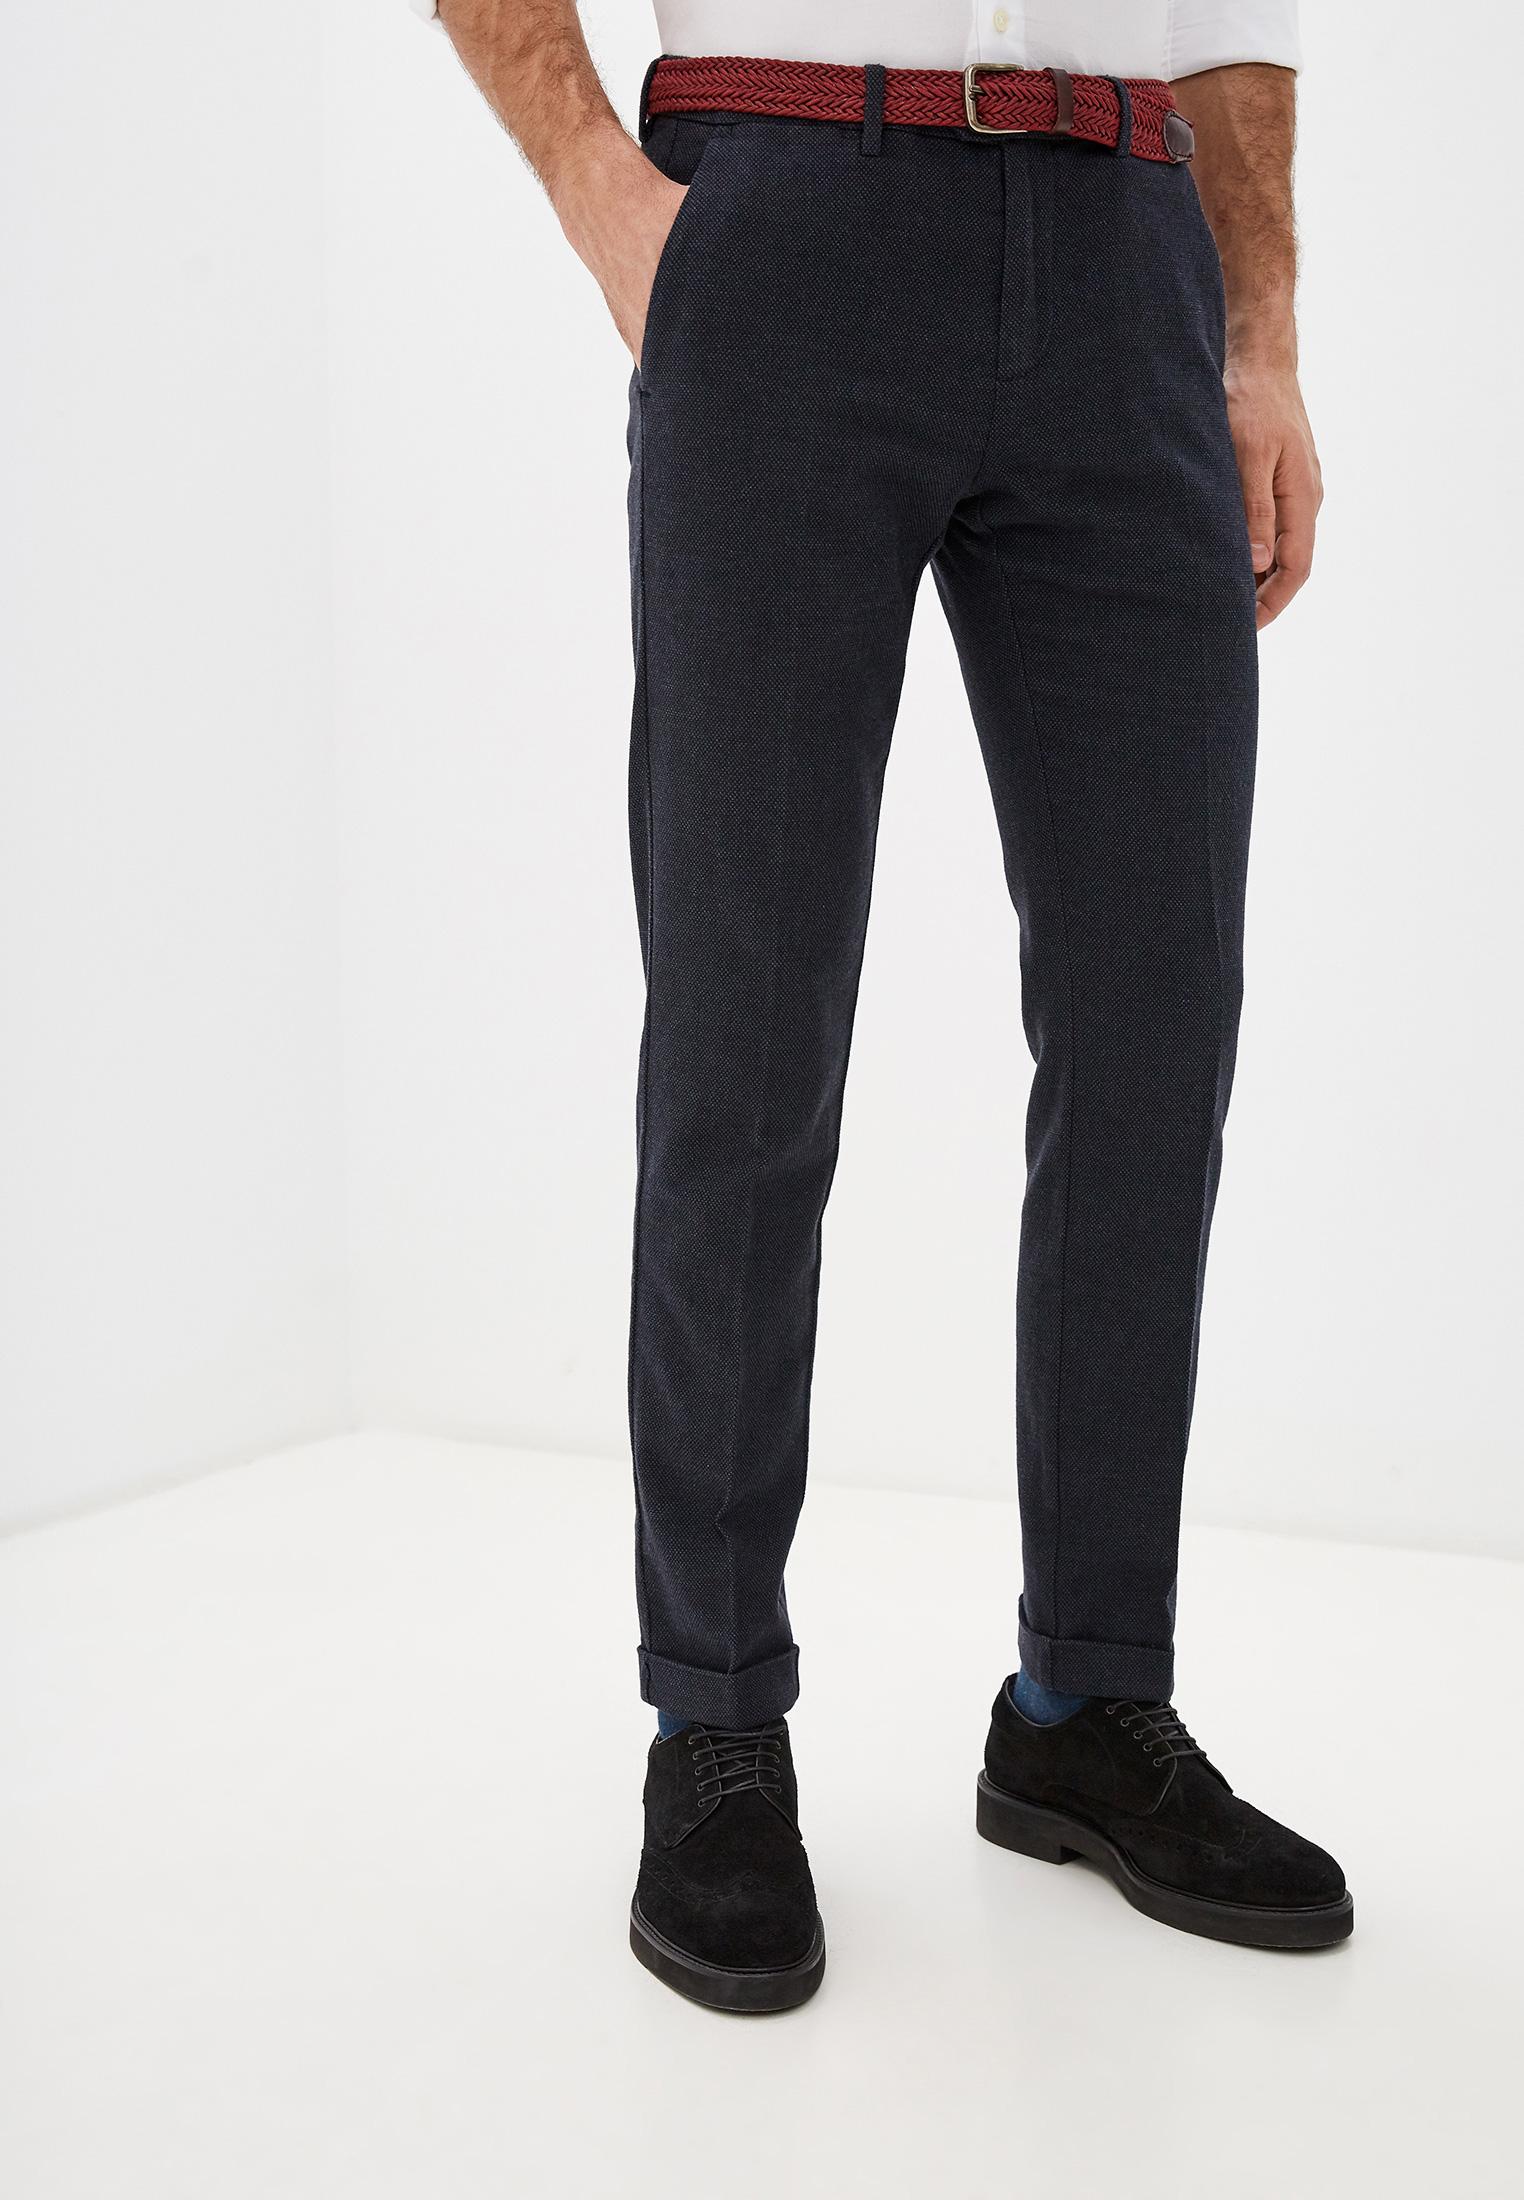 Мужские повседневные брюки Seventy pt002570